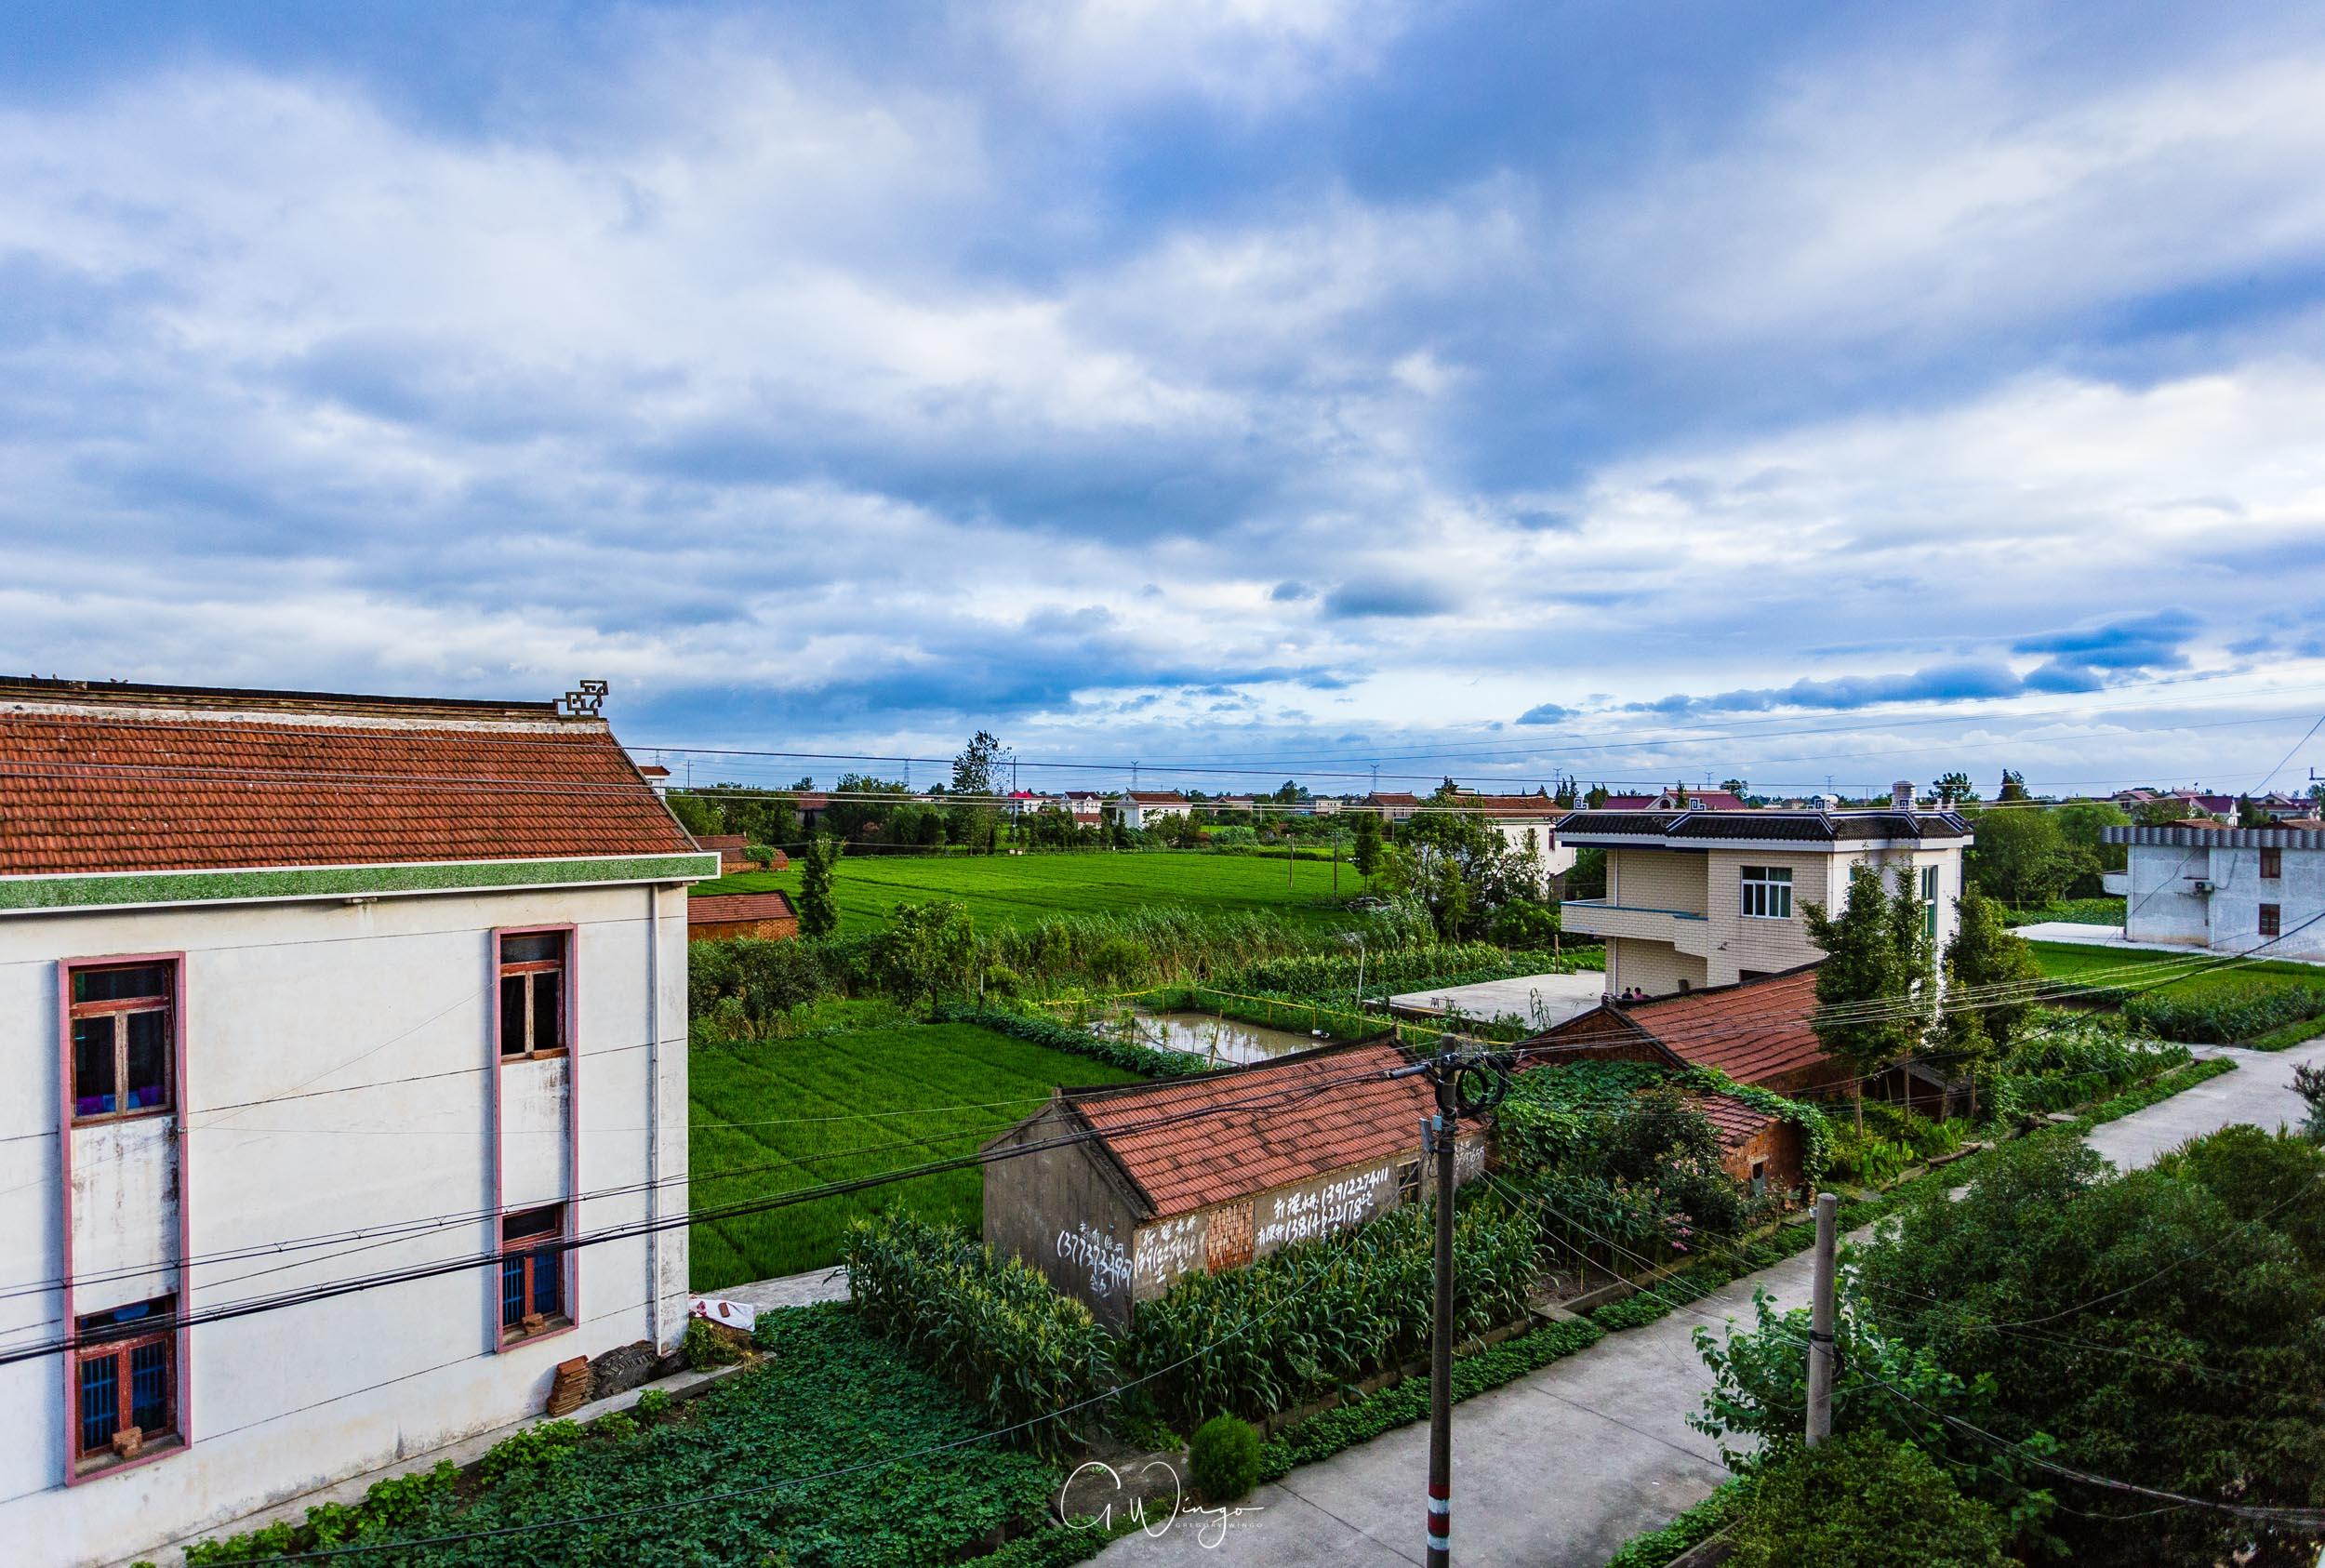 Rural Tongzhou